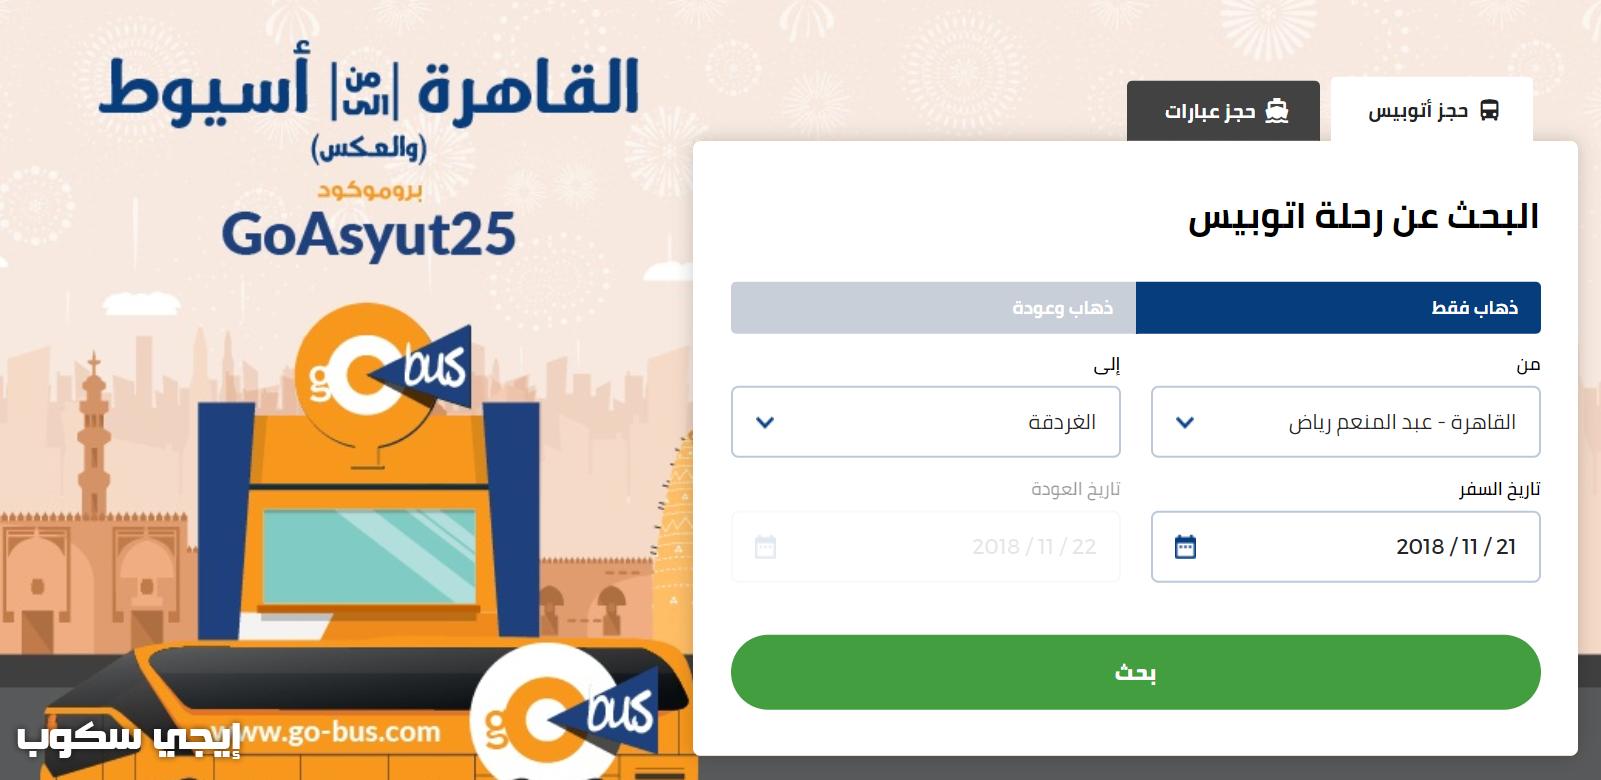 حجز جو باص go bus لتذاكر الرحلات : مواعيد الرحلات وأسعار تذاكر الرحلات بين المحافظات المصرية